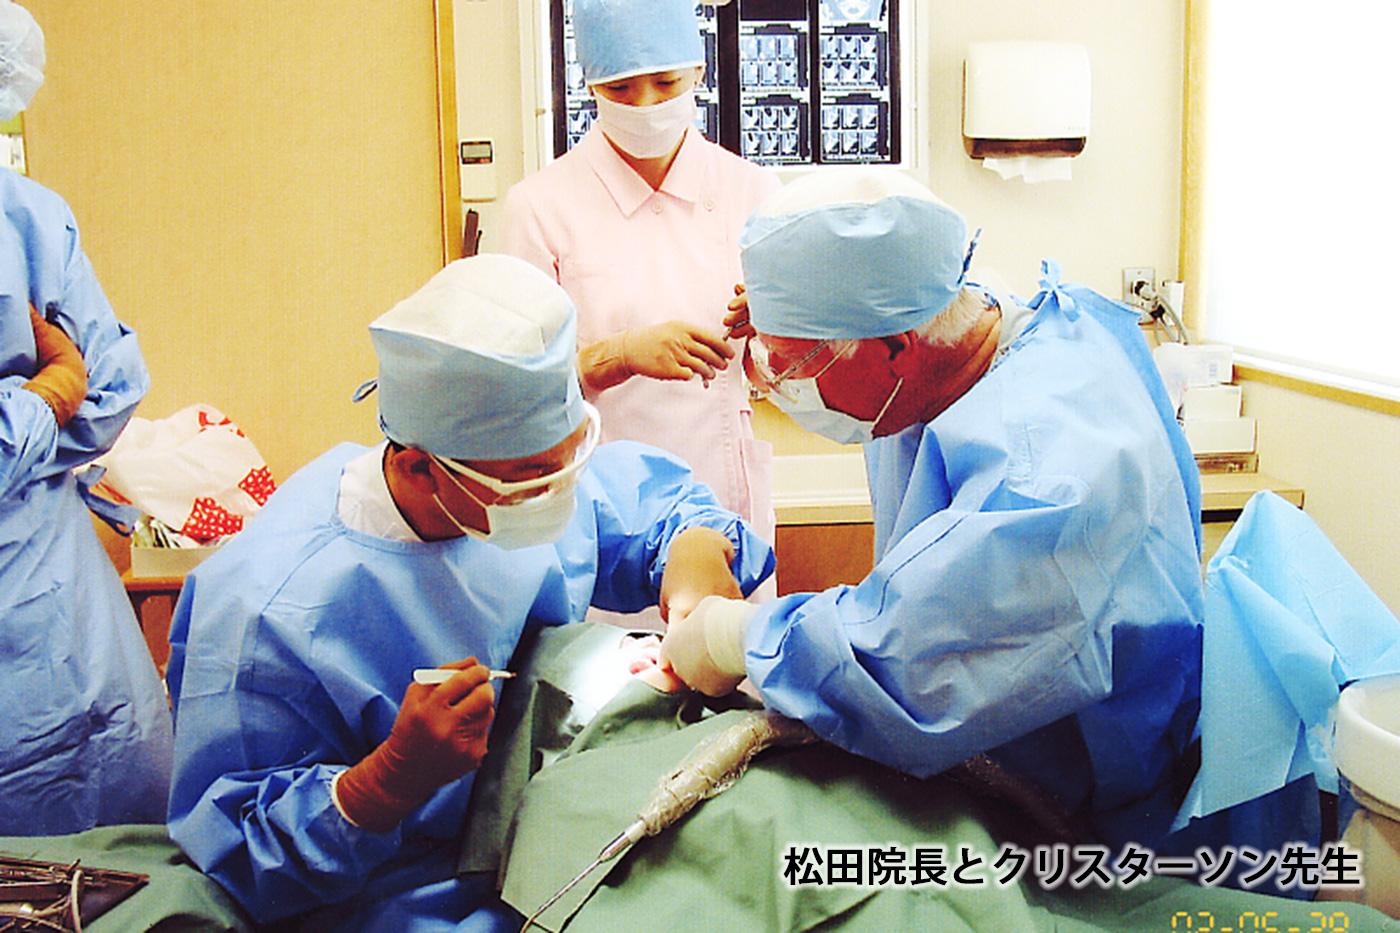 奈良・宇陀市の松田歯科医院院長の松田先生とクリスターソン先生